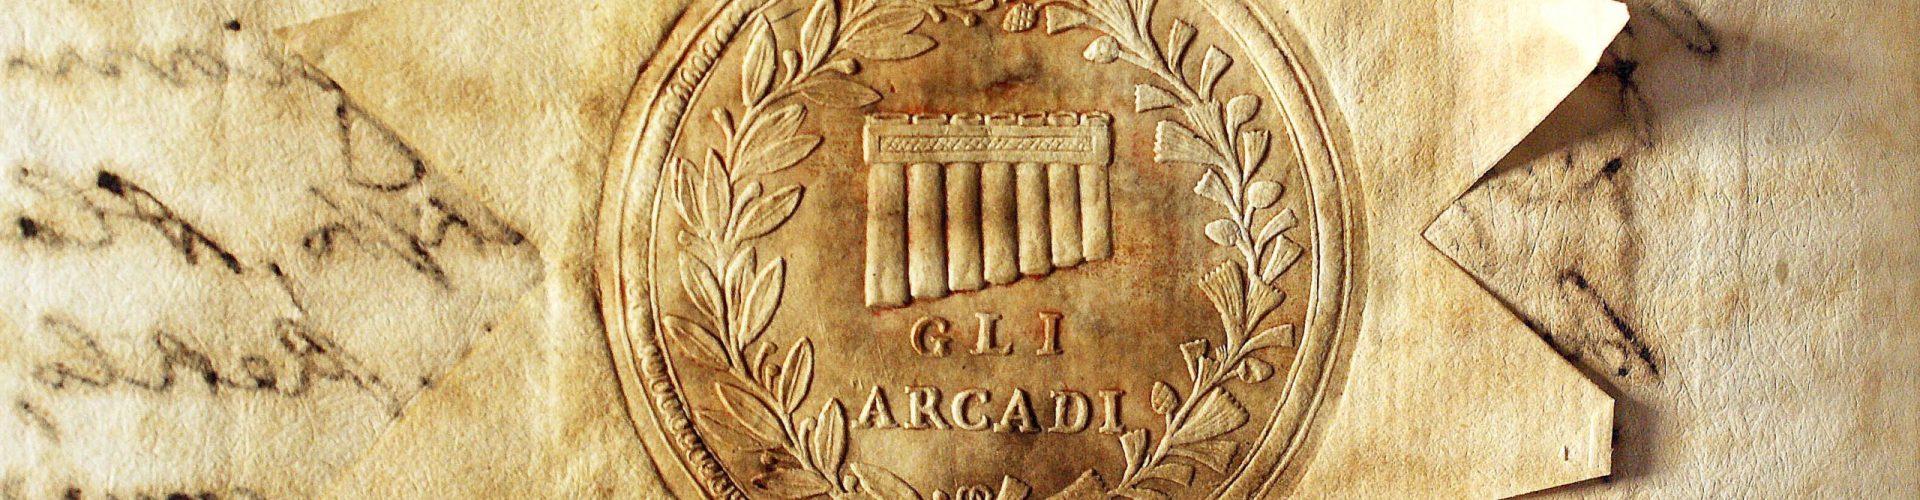 I testi statutari del Commune d'Arcadia